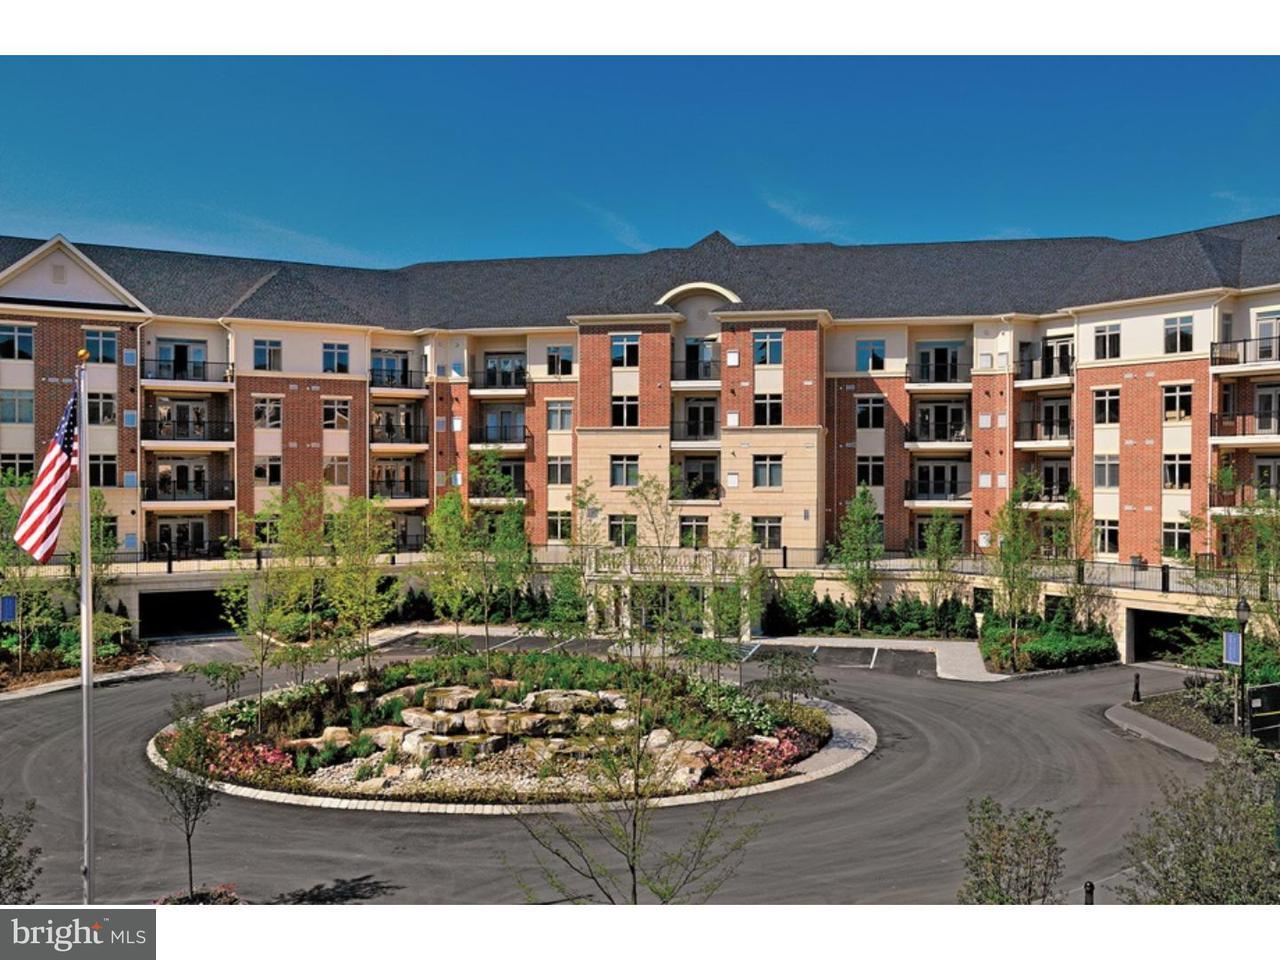 独户住宅 为 出租 在 409 CARSON TER 亨廷顿谷, 宾夕法尼亚州 19006 美国